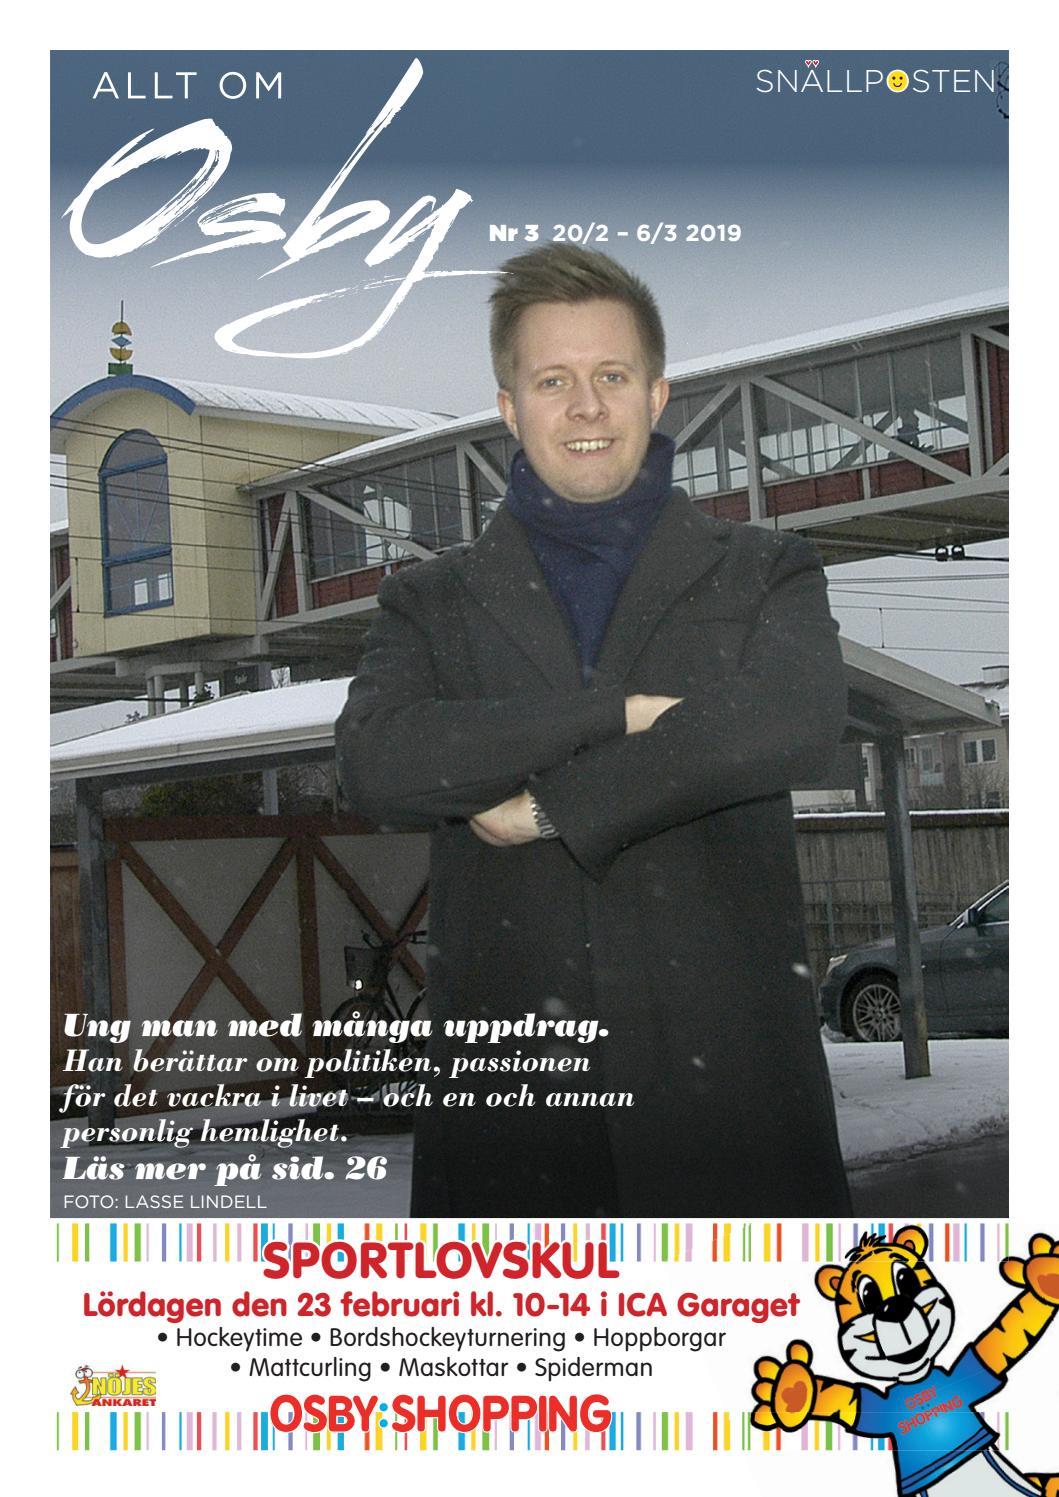 Osby kommun sker Underskterska Hemtjnsten Lnsboda i